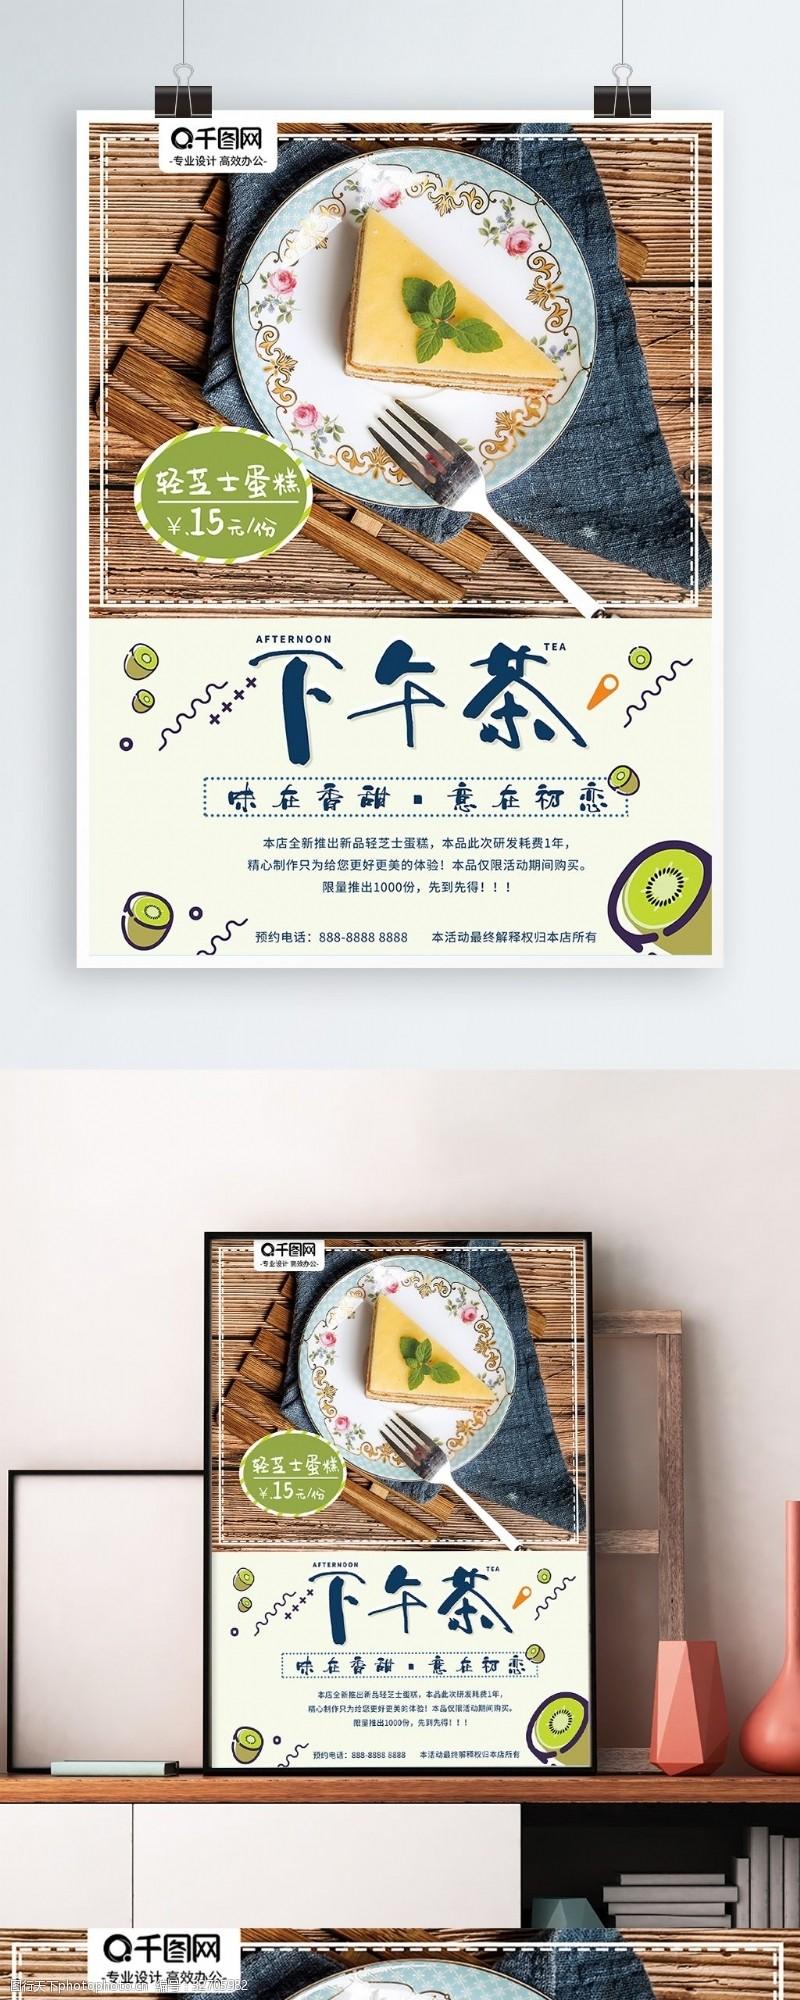 海報下午茶甜品店甜點蛋糕綠色模版